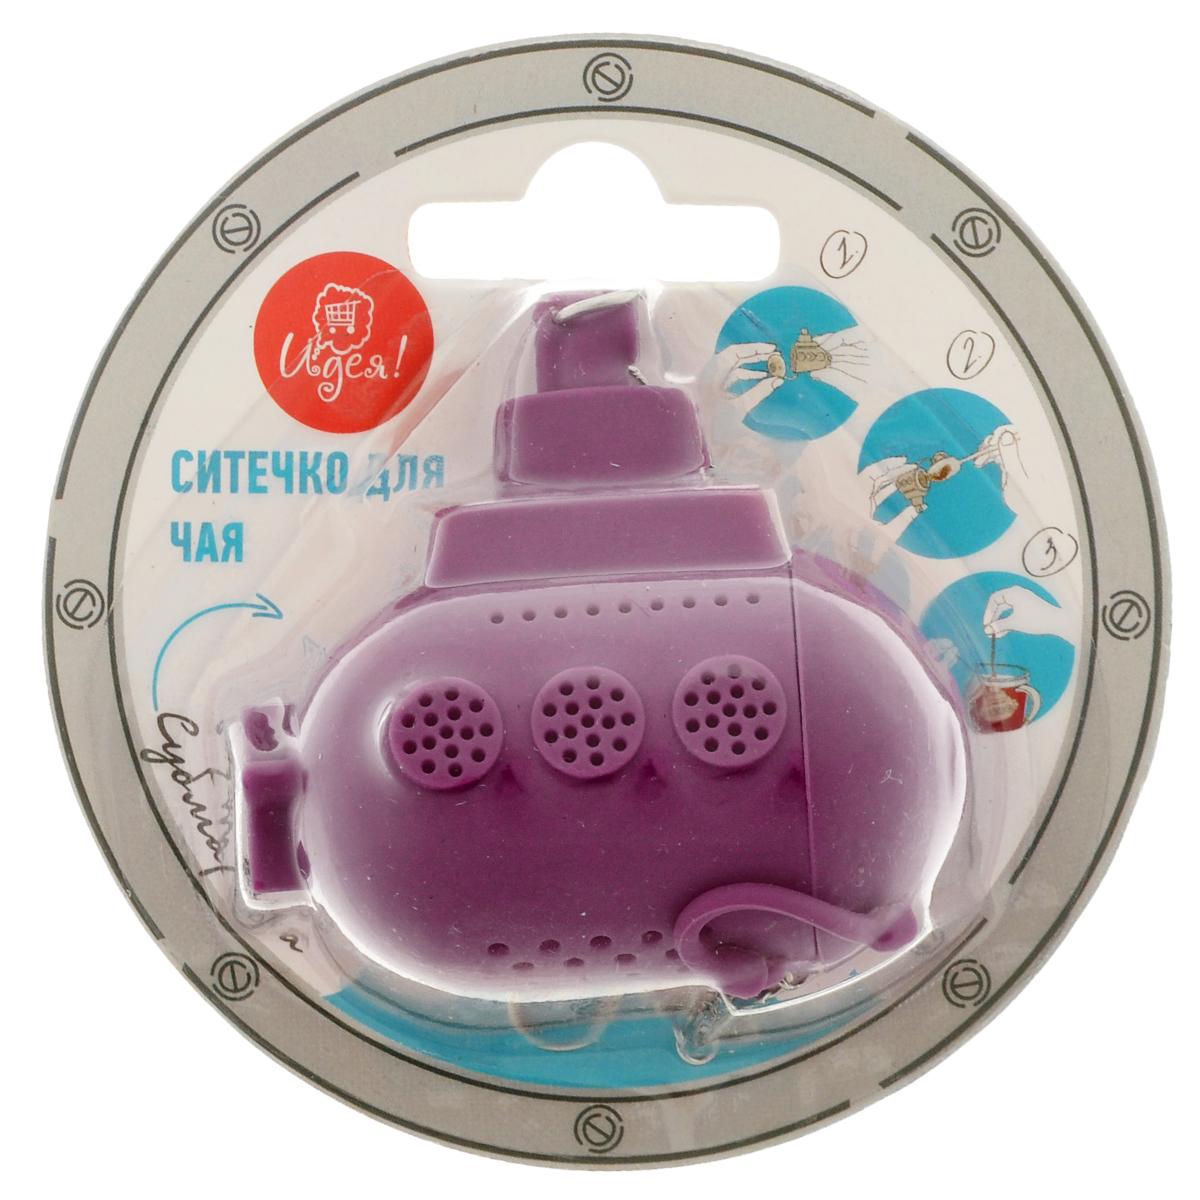 Ситечко для чая Идея Субмарина, цвет: малиновыйSBM-01_малиновыйСитечко Идея Субмарина прекрасно подходит для заваривания любого вида чая. Изделие выполнено из пищевого силикона в виде подводной лодки. Ситечком очень легко пользоваться. Просто насыпьте заварку внутрь и погрузите субмарину на дно кружки. Изделие снабжено металлической цепочкой с крючком на конце. Забавная и приятная вещица для вашего домашнего чаепития. Не рекомендуется мыть в посудомоечной машине. Размер фигурки: 6 см х 5,5 см х 3 см.